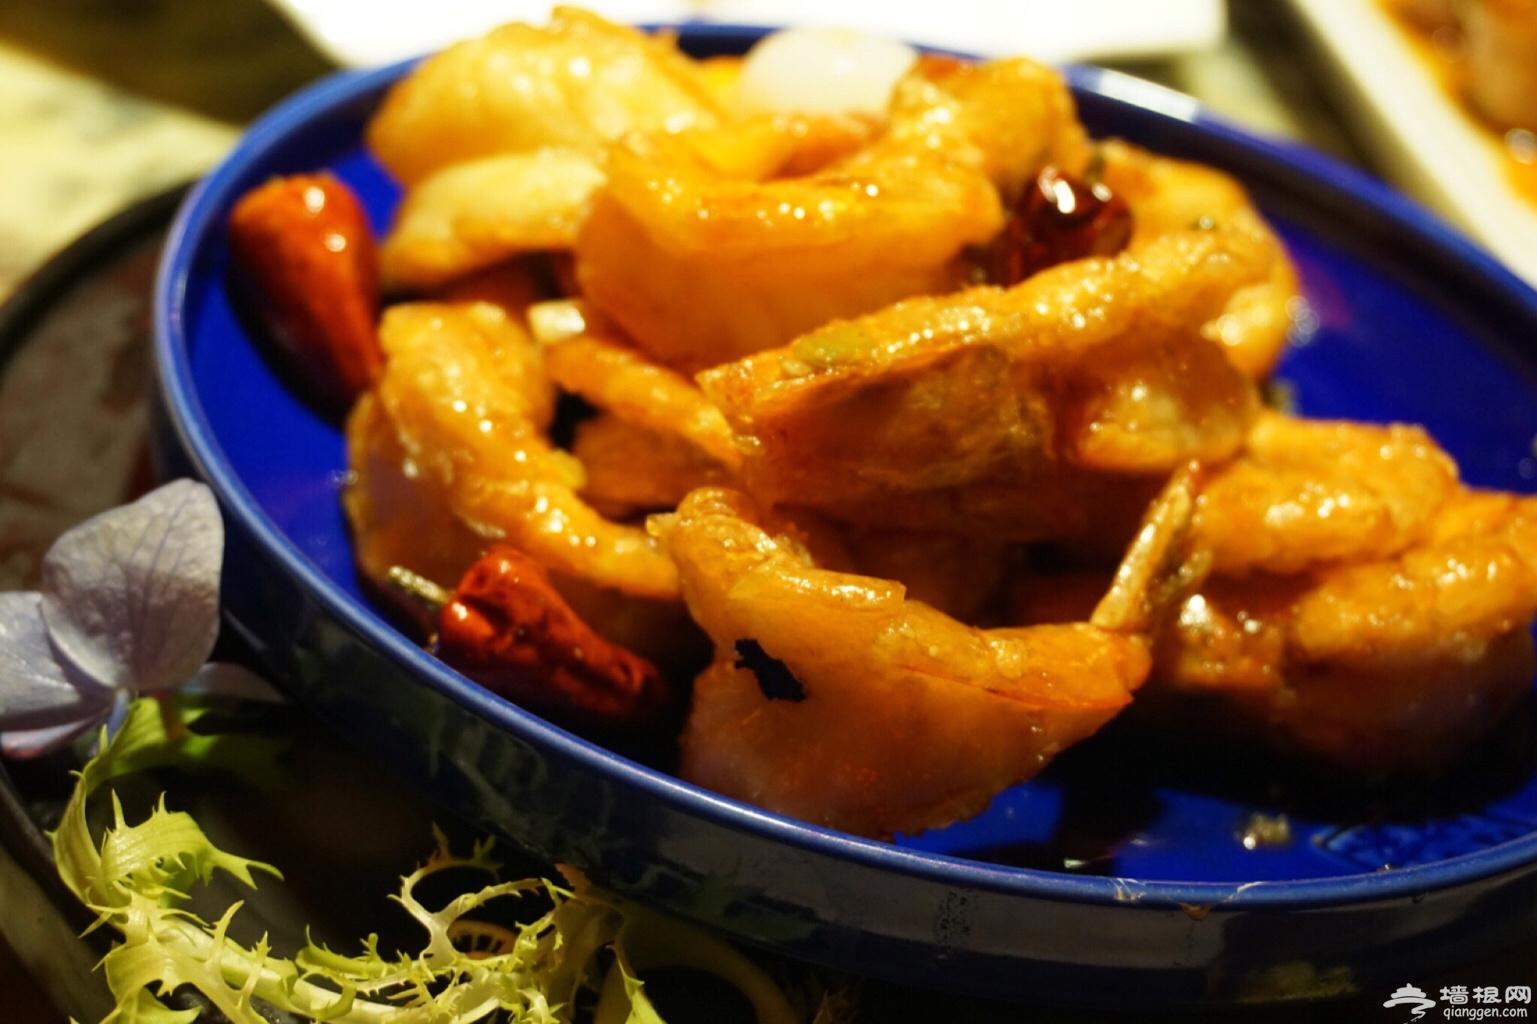 范家小馆 排队也要等的北京私家菜馆[墙根网]